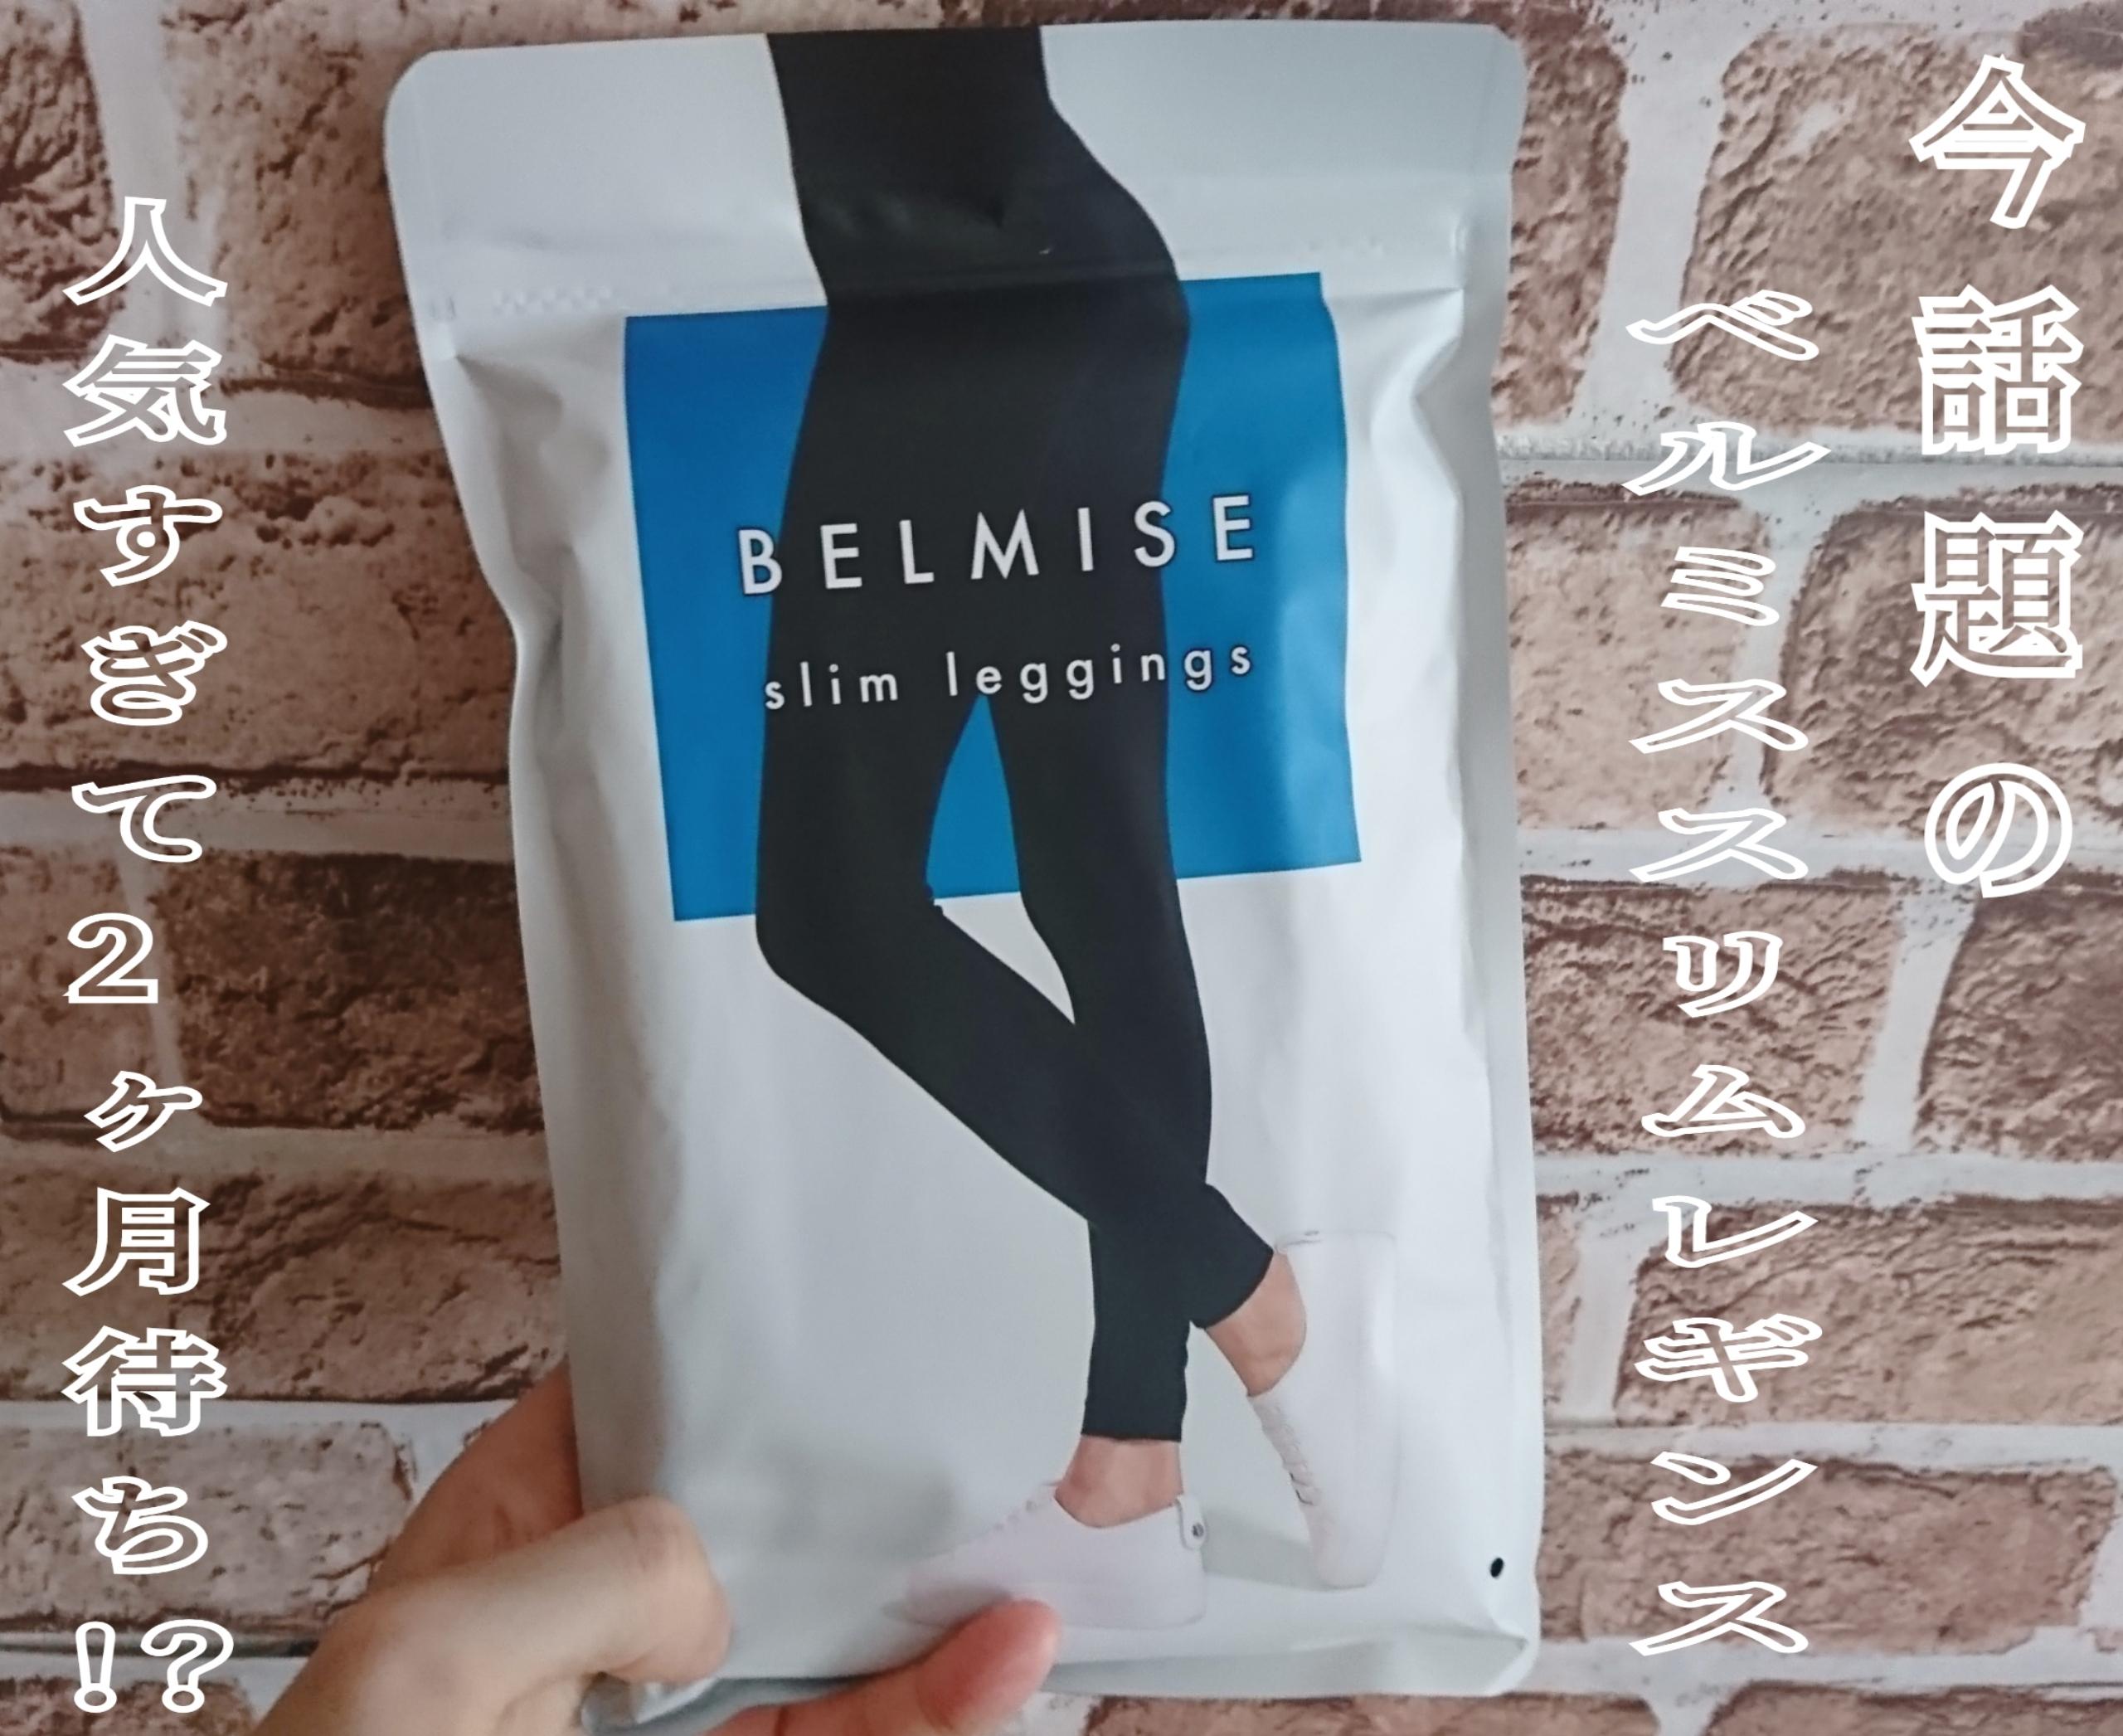 BELMISE(ベルミス) スリムレギンスの良い点・メリットに関するYuKaRi♡さんの口コミ画像1